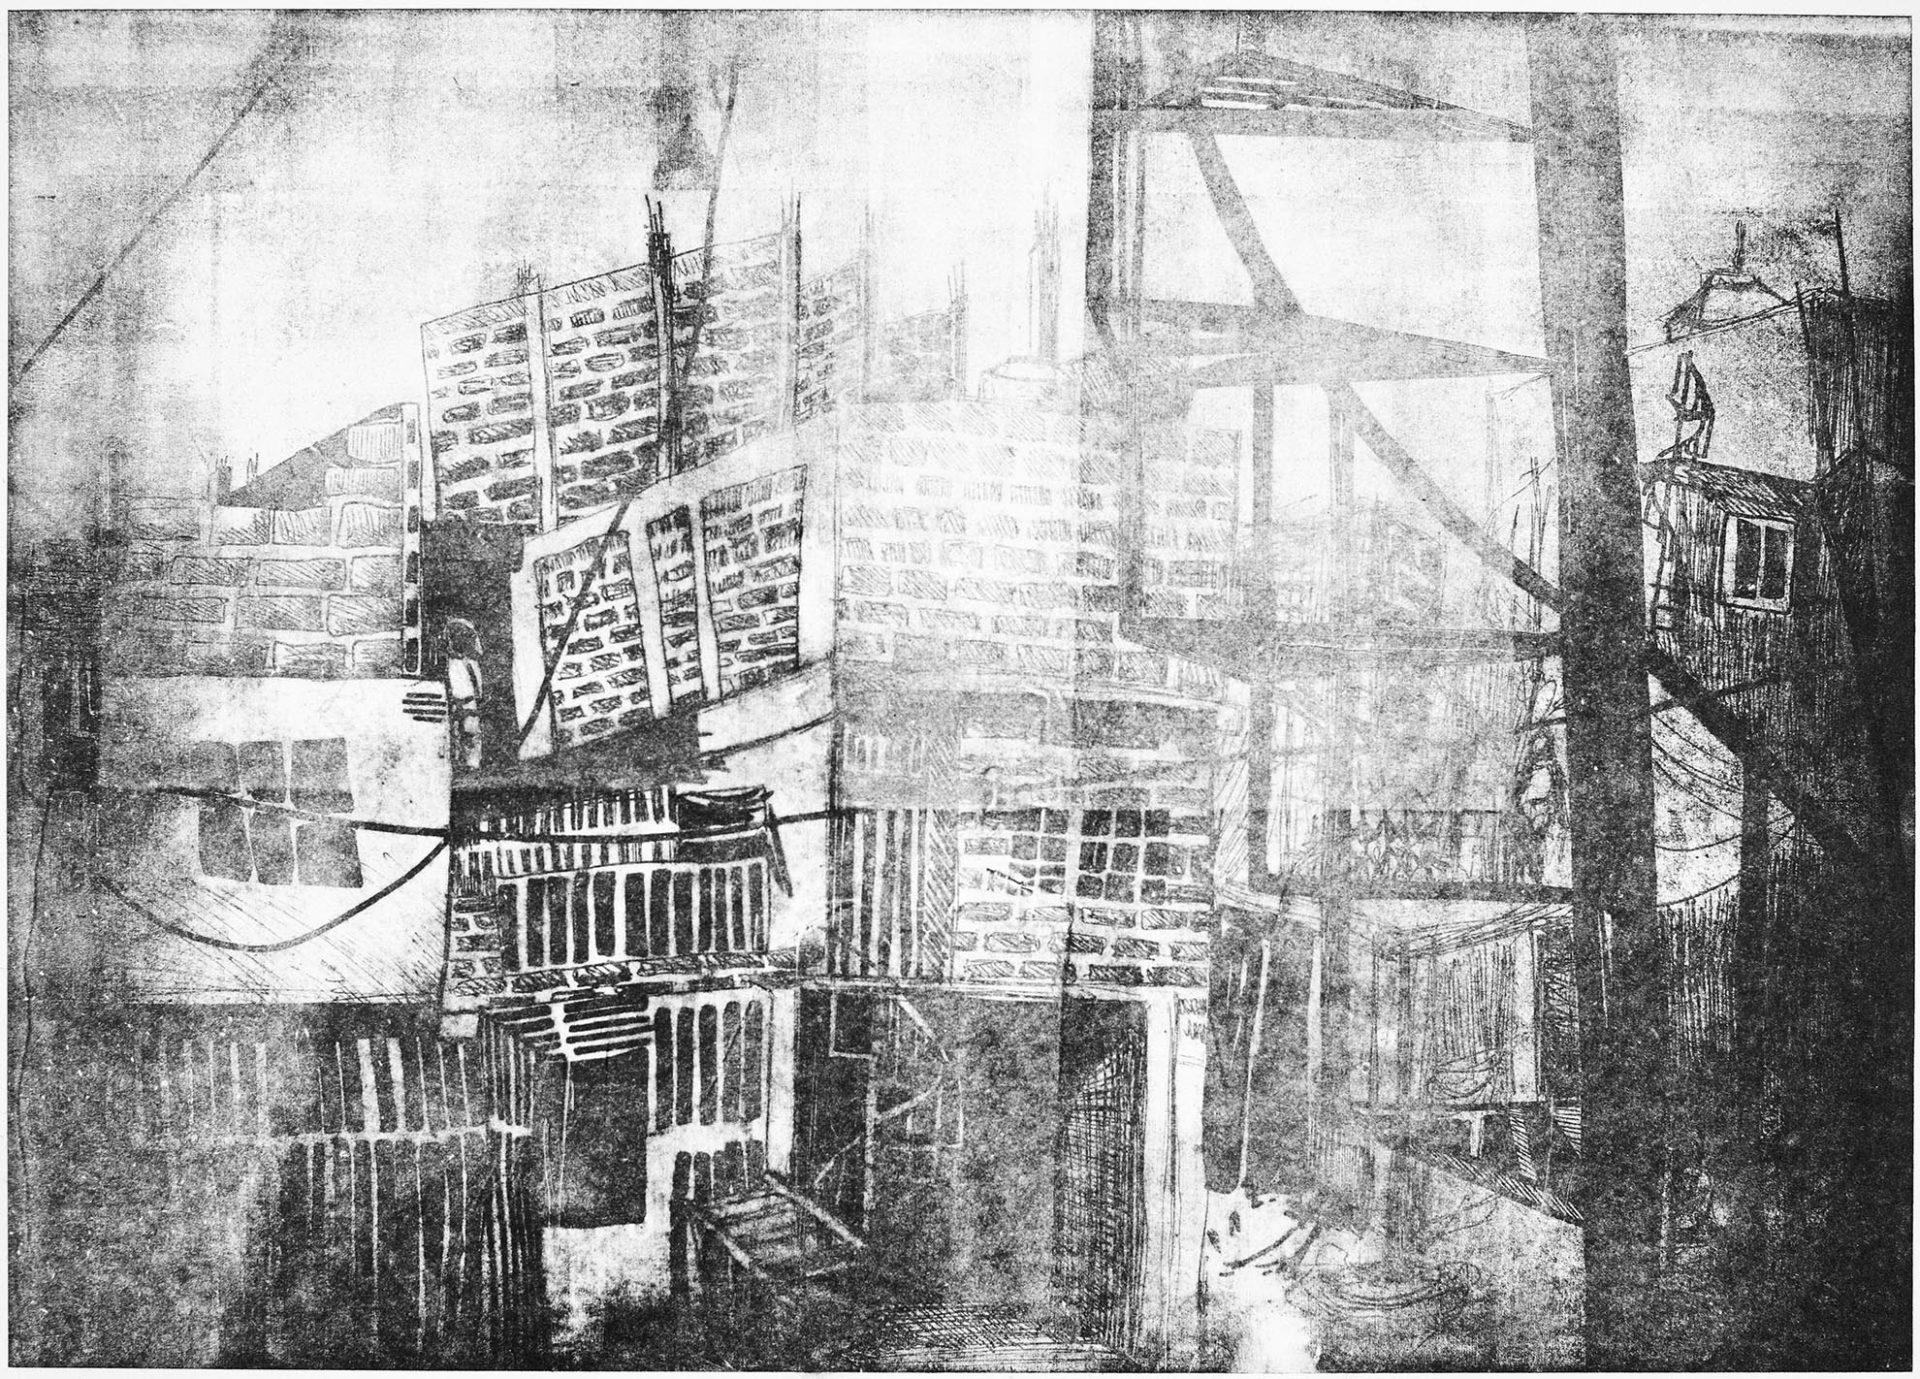 Lithographie sur polyester, brouillard dans le quartier de Villa 31